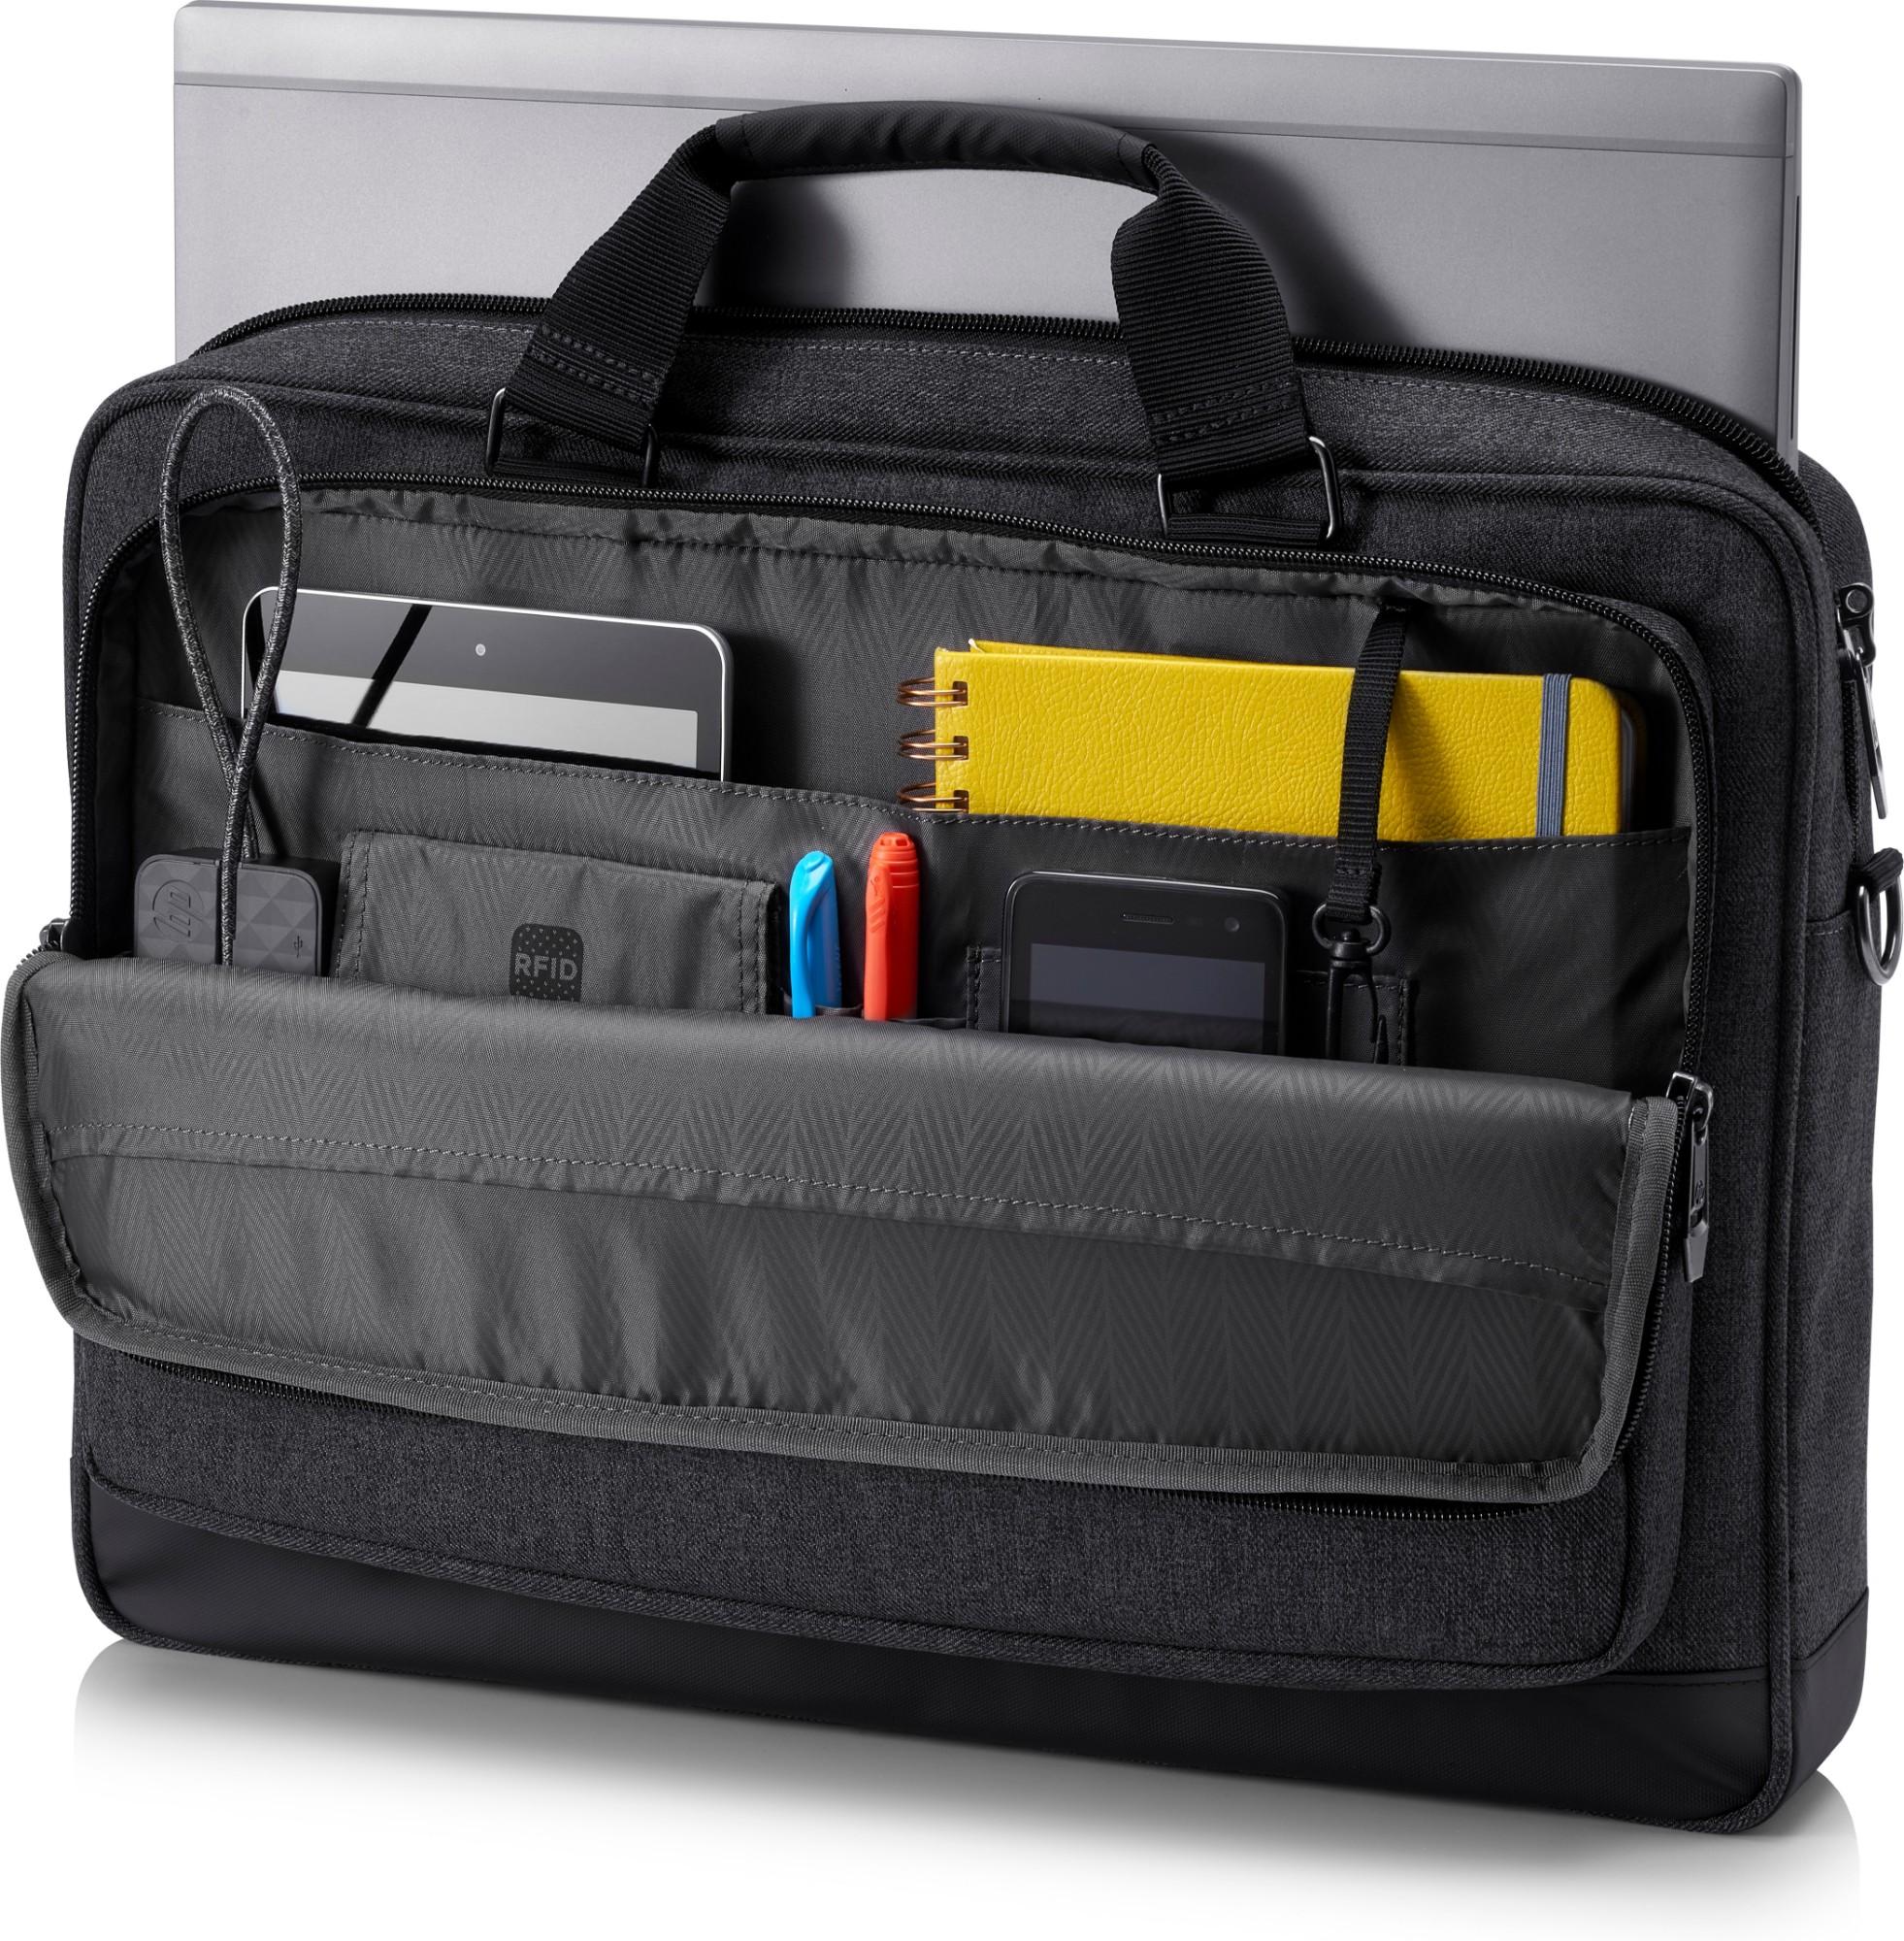 HP Executive notebook case 43.9 cm (17.3